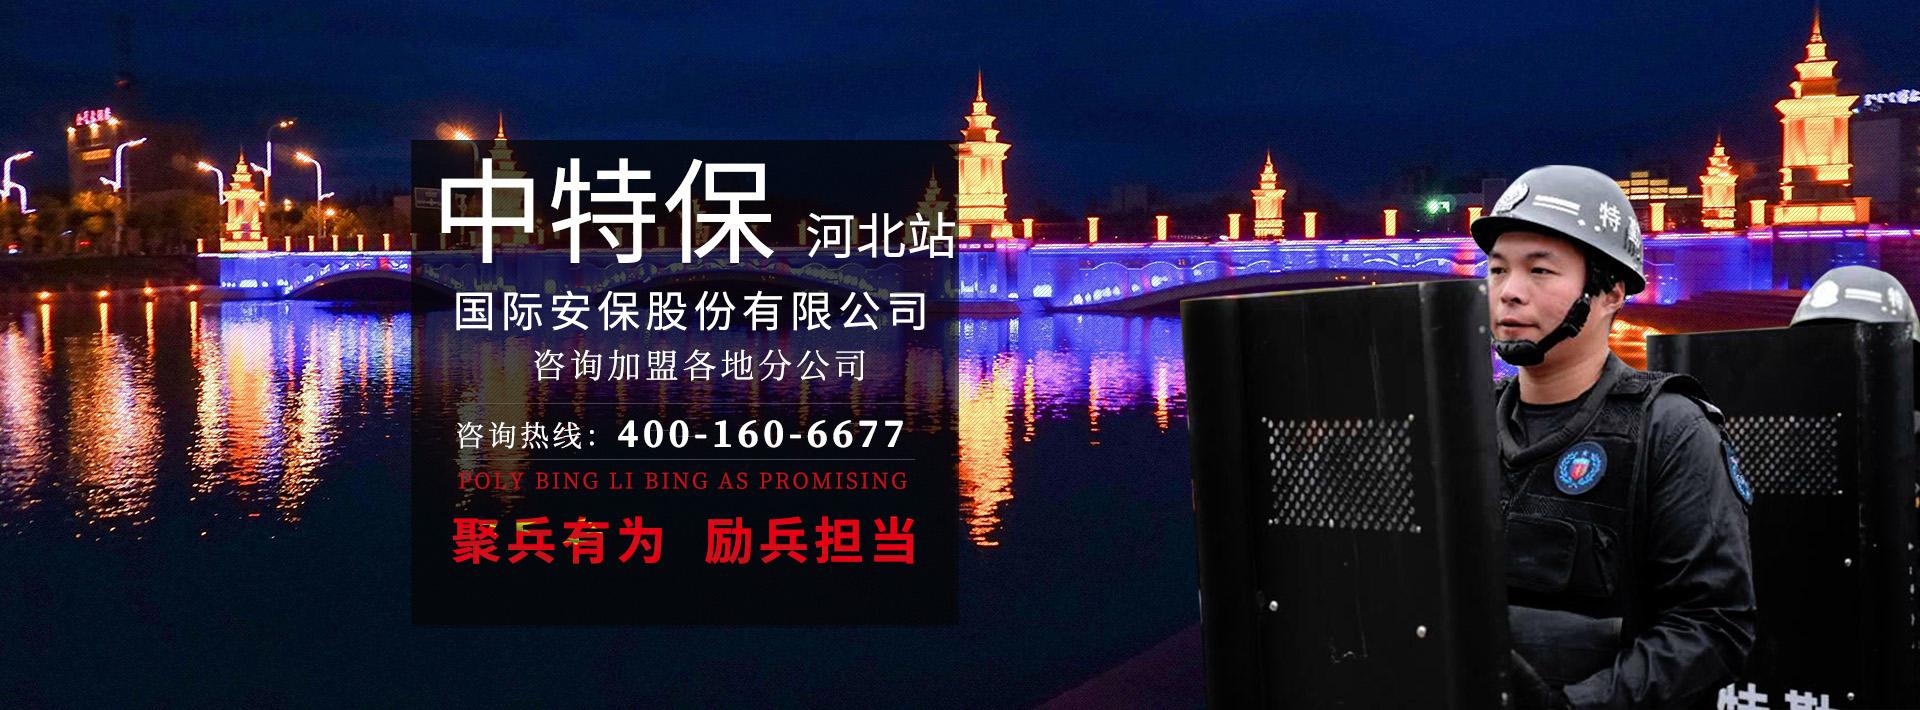 武汉fun88乐天堂网址服务公司